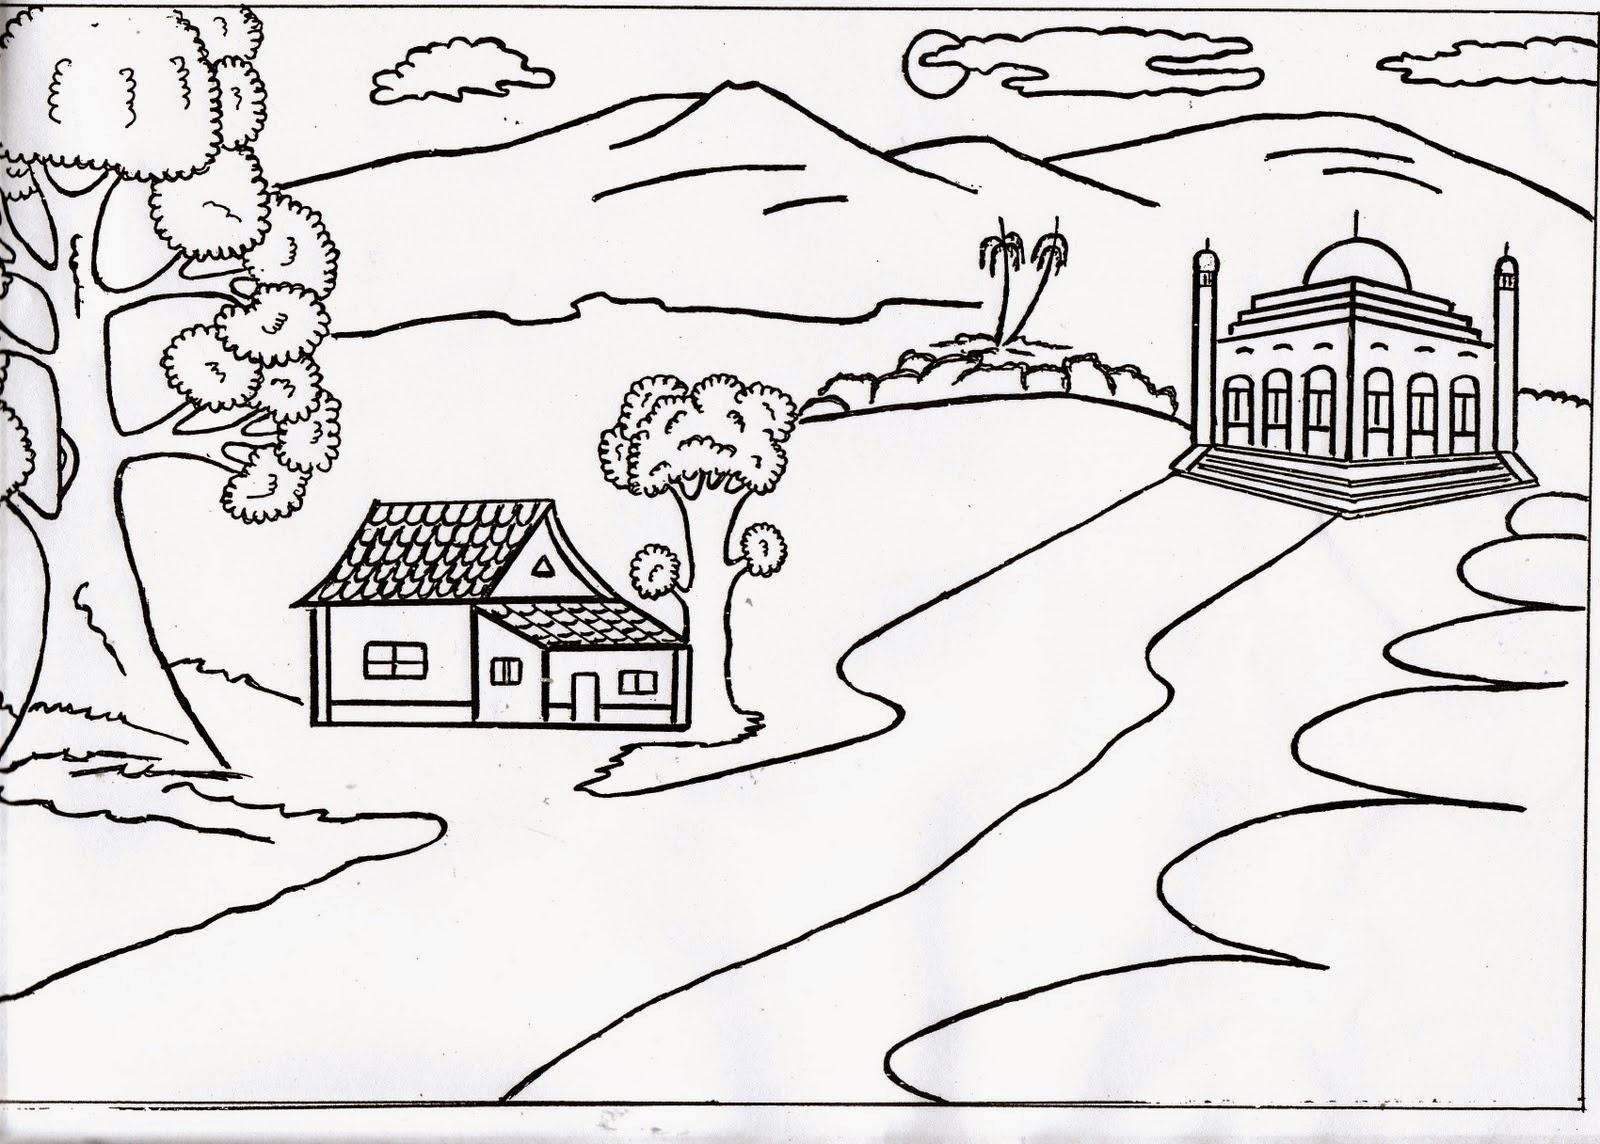 Gudang Gambar Kartun Hitam Putih Pemandangan Phontekno